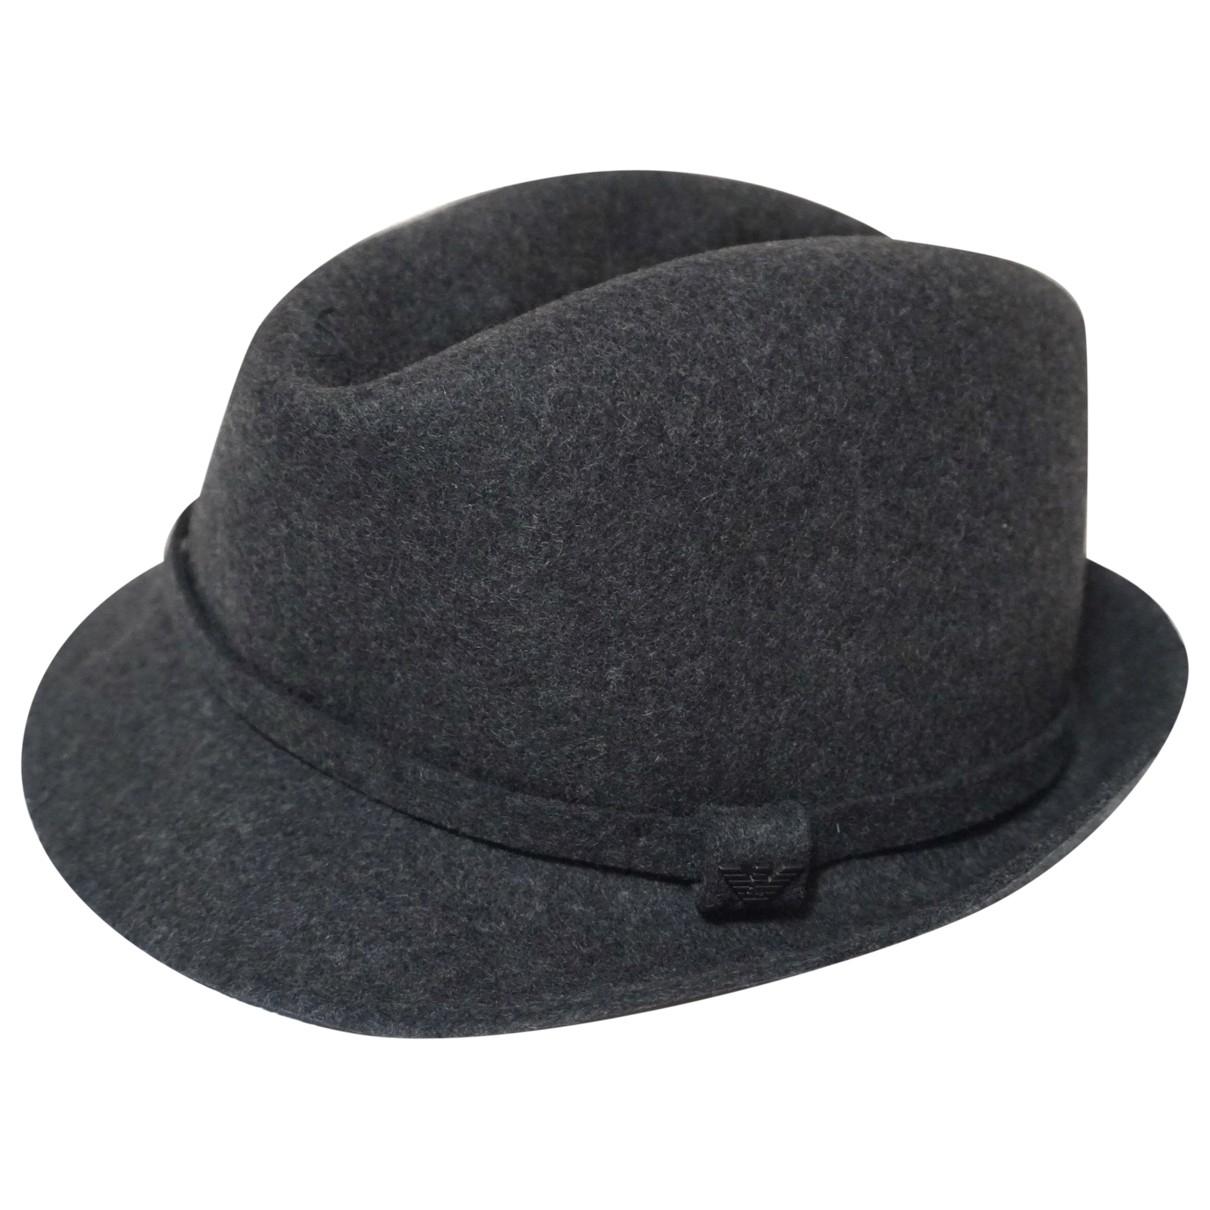 Emporio Armani - Chapeau & Bonnets   pour homme en laine - gris